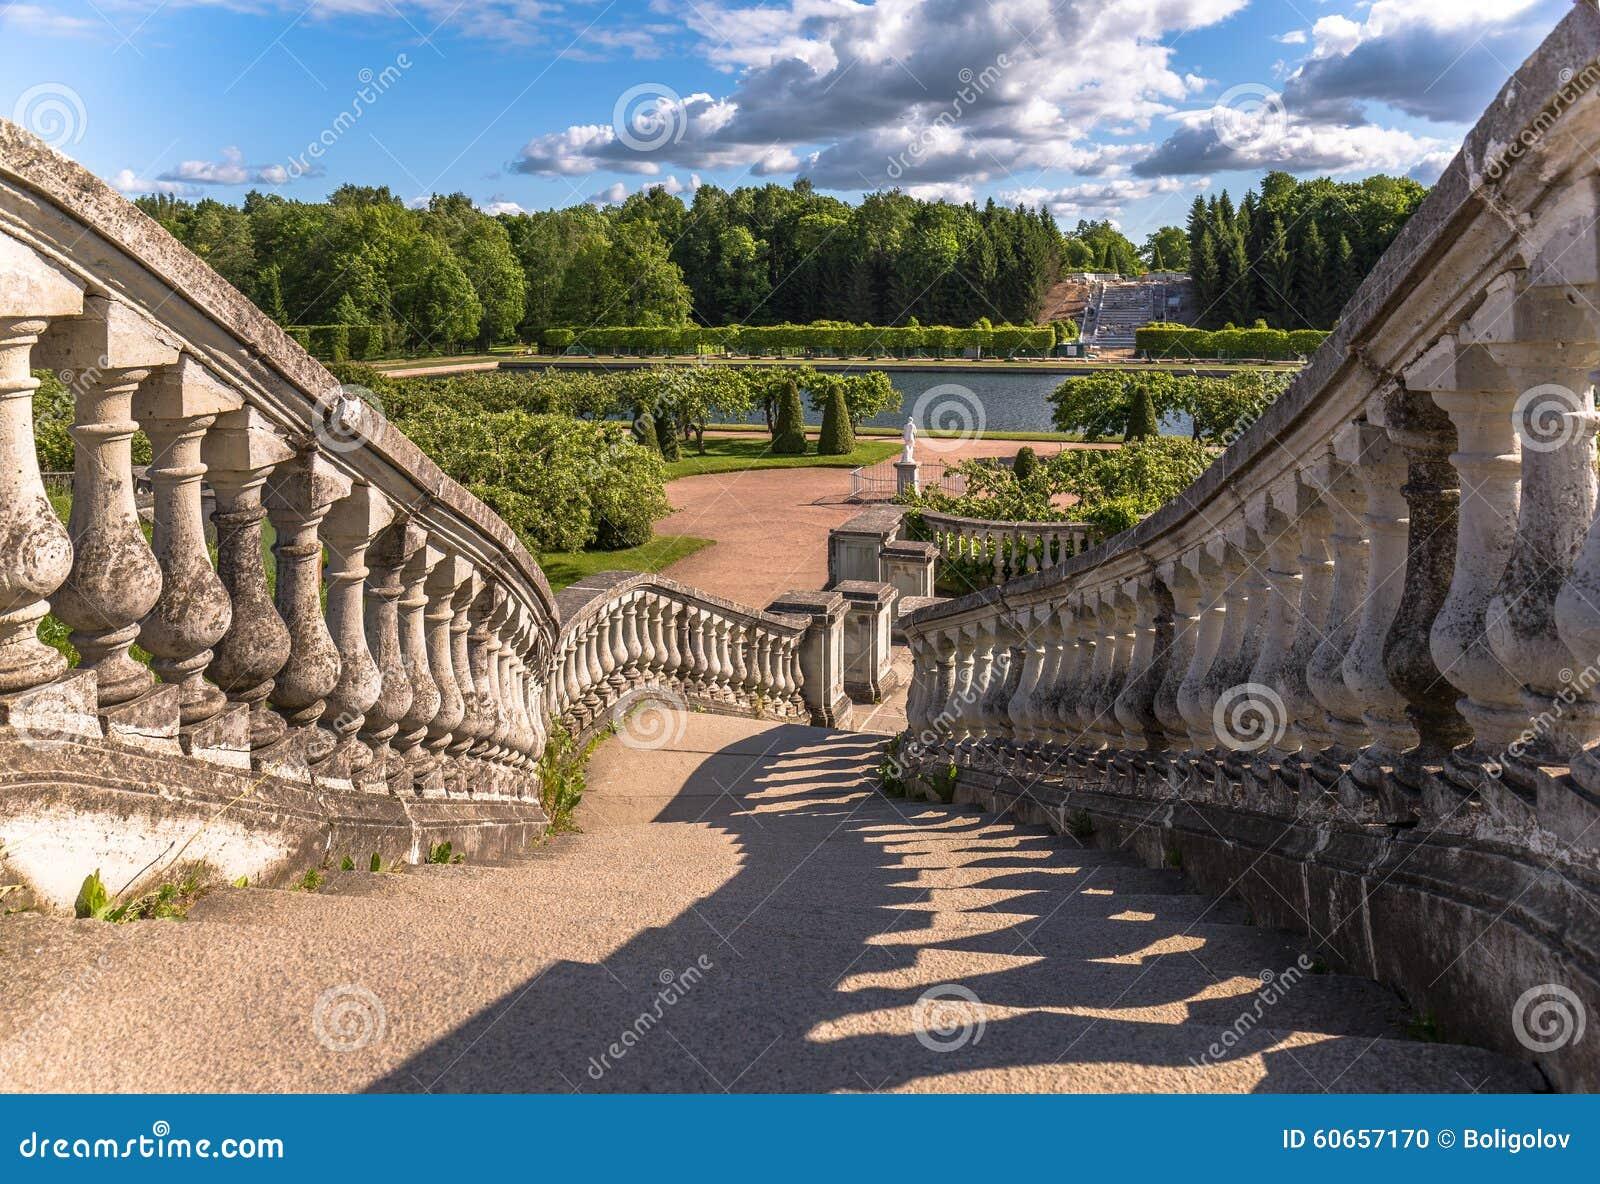 sombras de las escaleras viejas para poner verde el jardn debajo del cielo azul con las